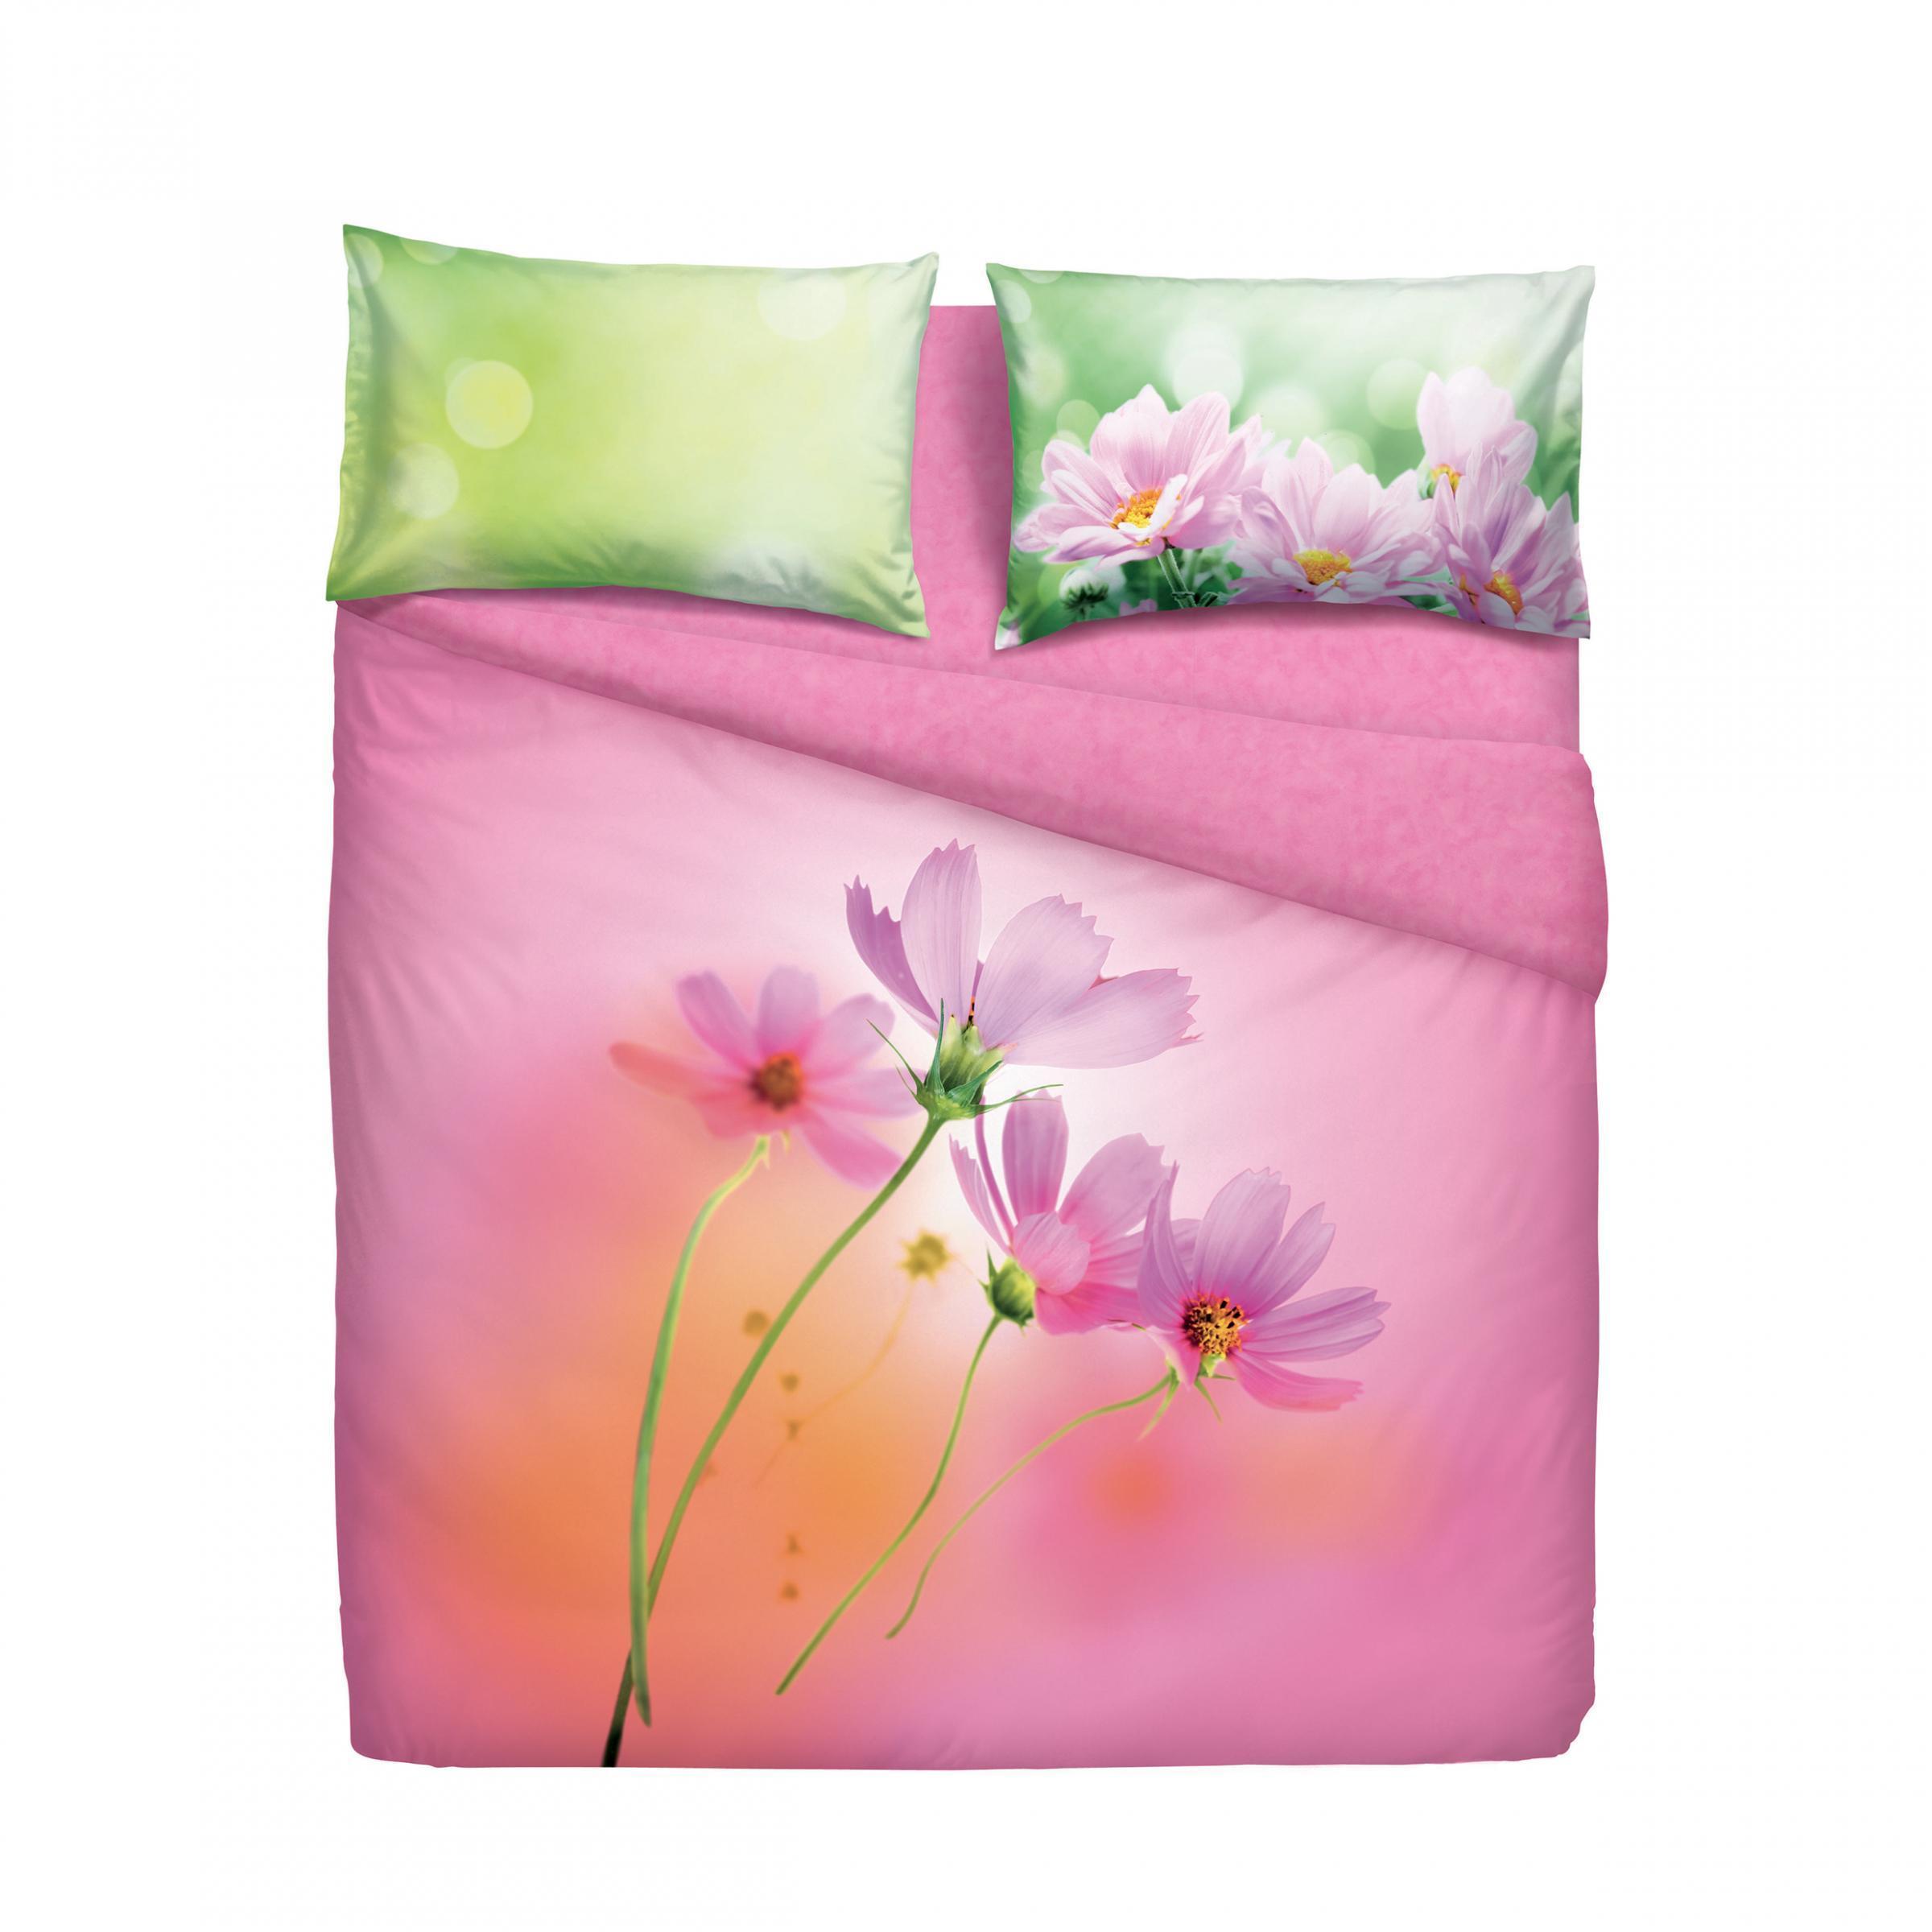 Set copripiumino letto singolo 1 piazza bassetti pink spring rosa - Copripiumino letto singolo ...